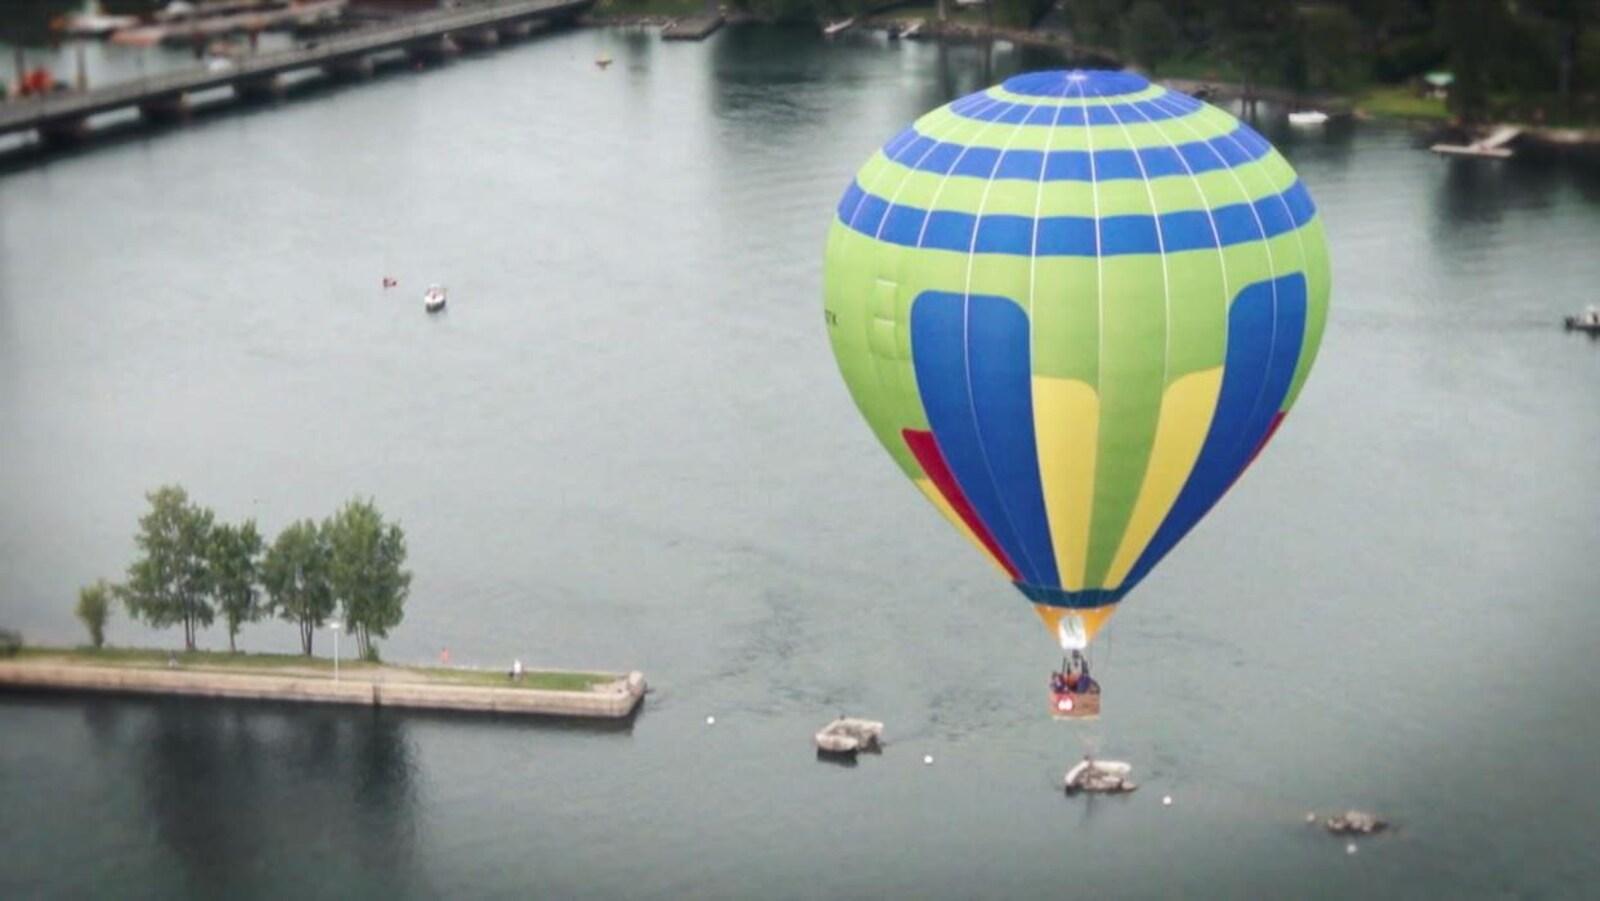 Une montgolfière dans le ciel au-dessus d'un plan d'eau